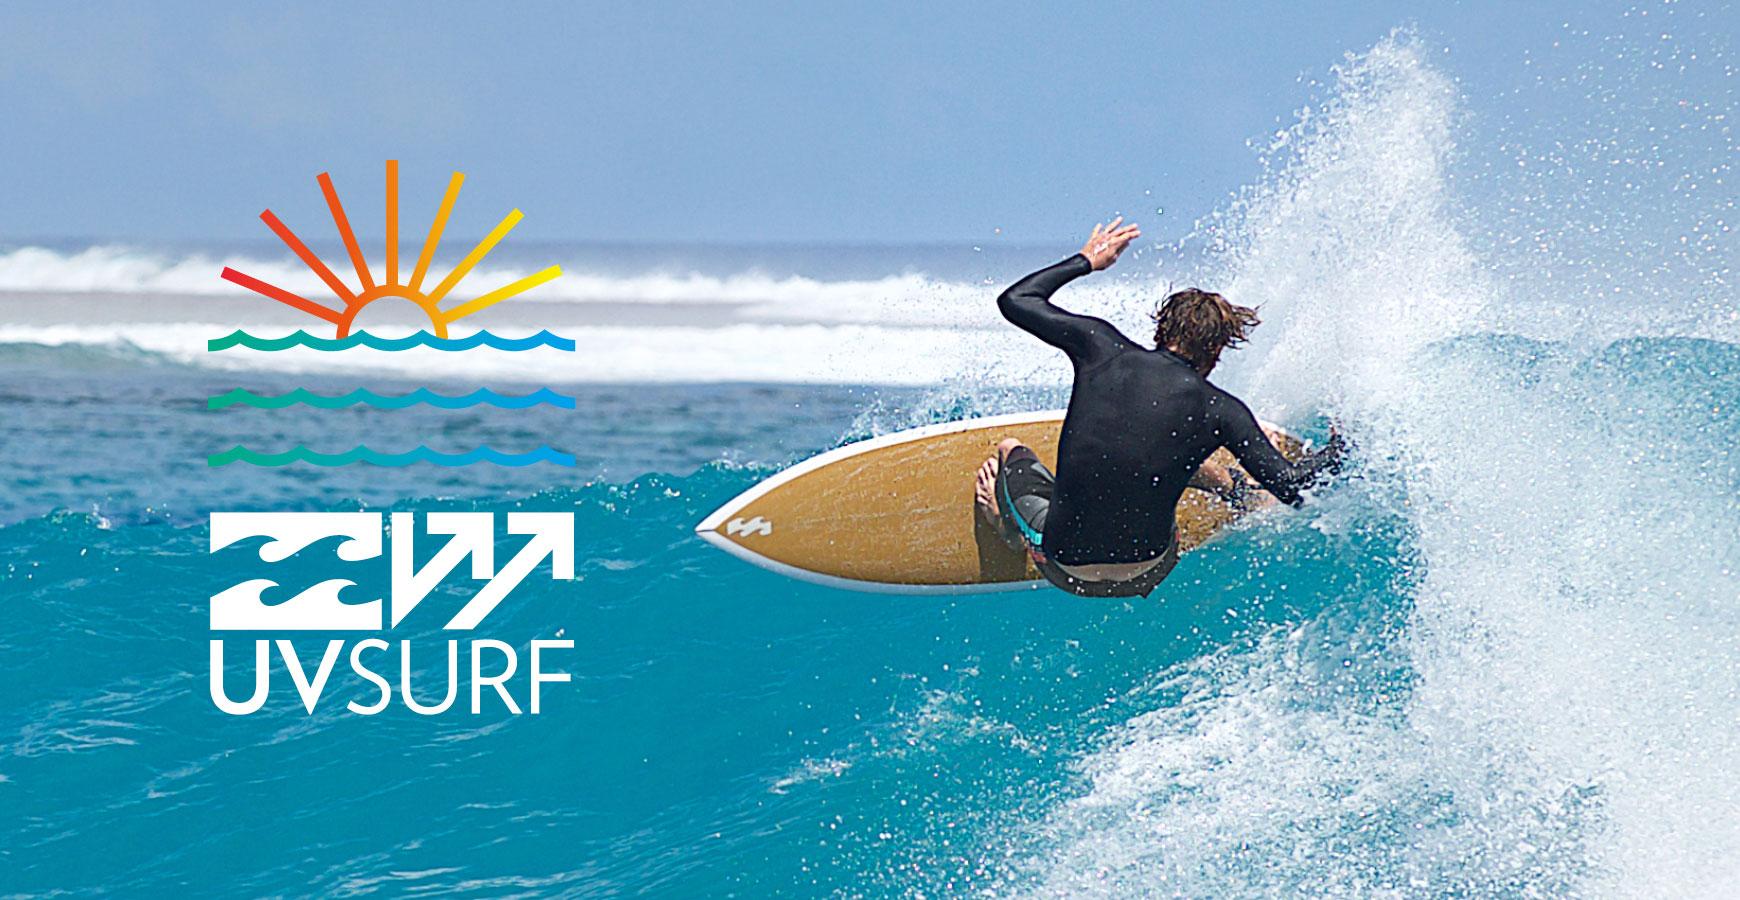 UV SURF